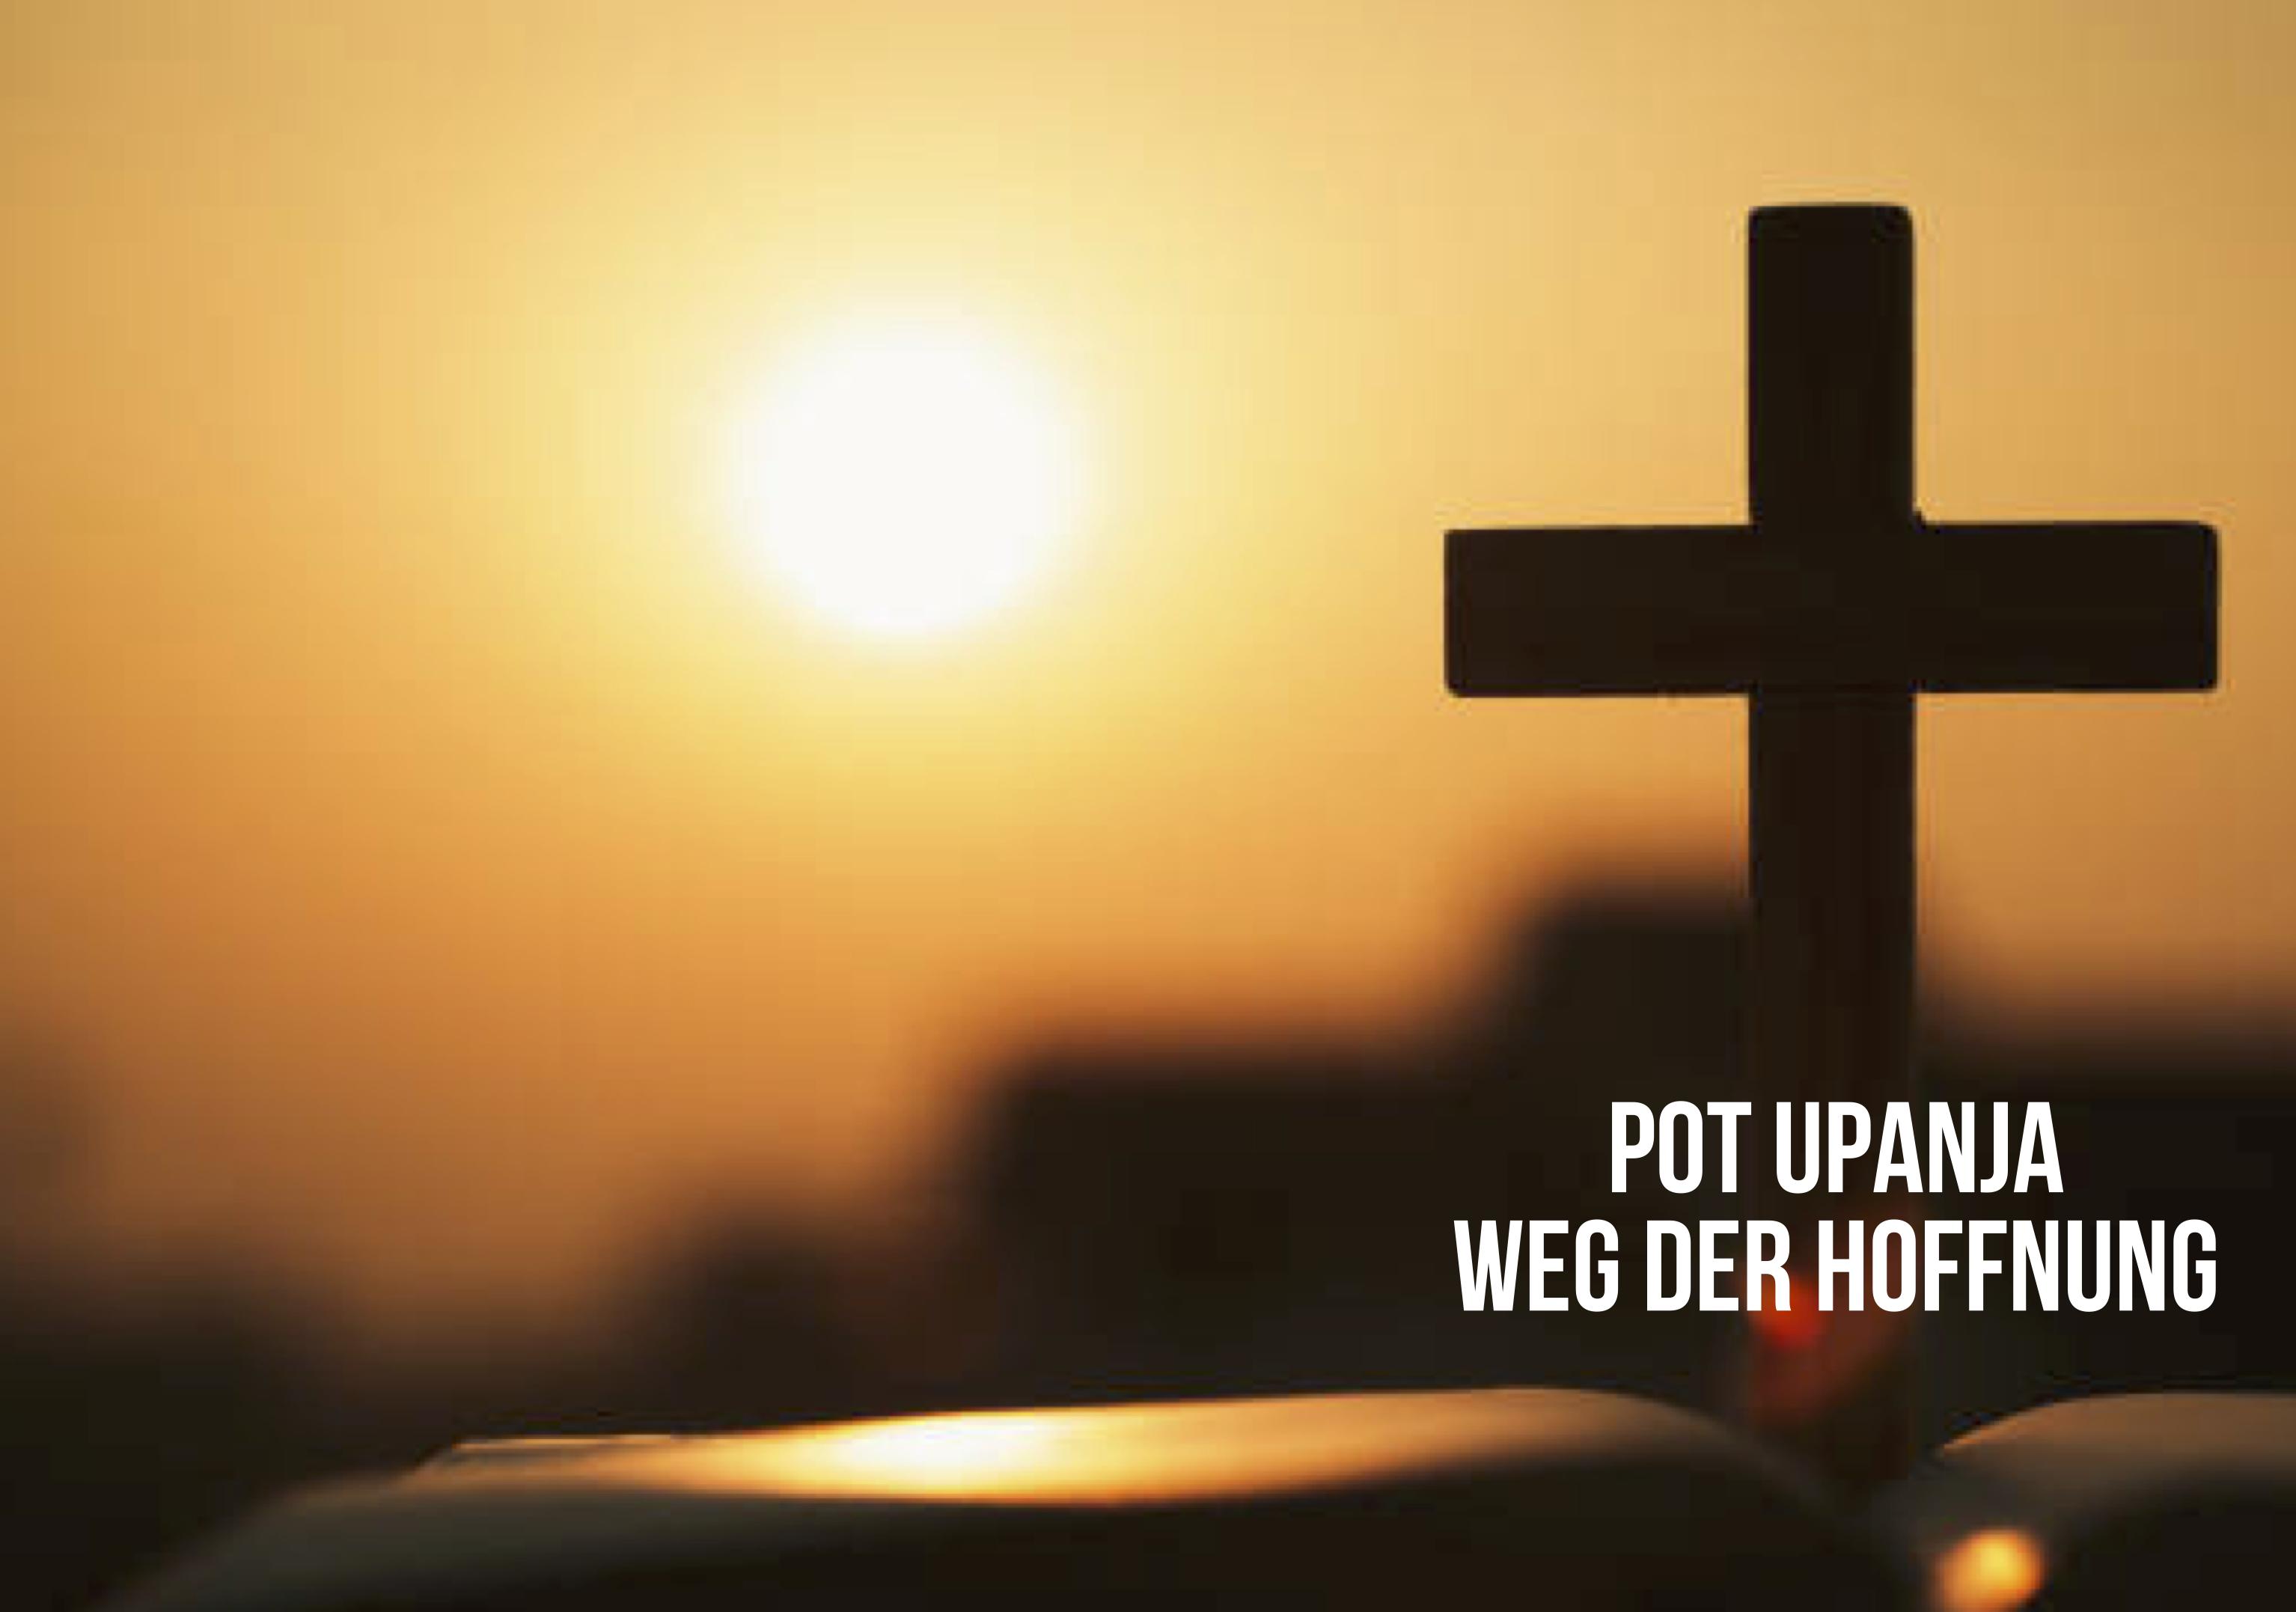 pot upanja